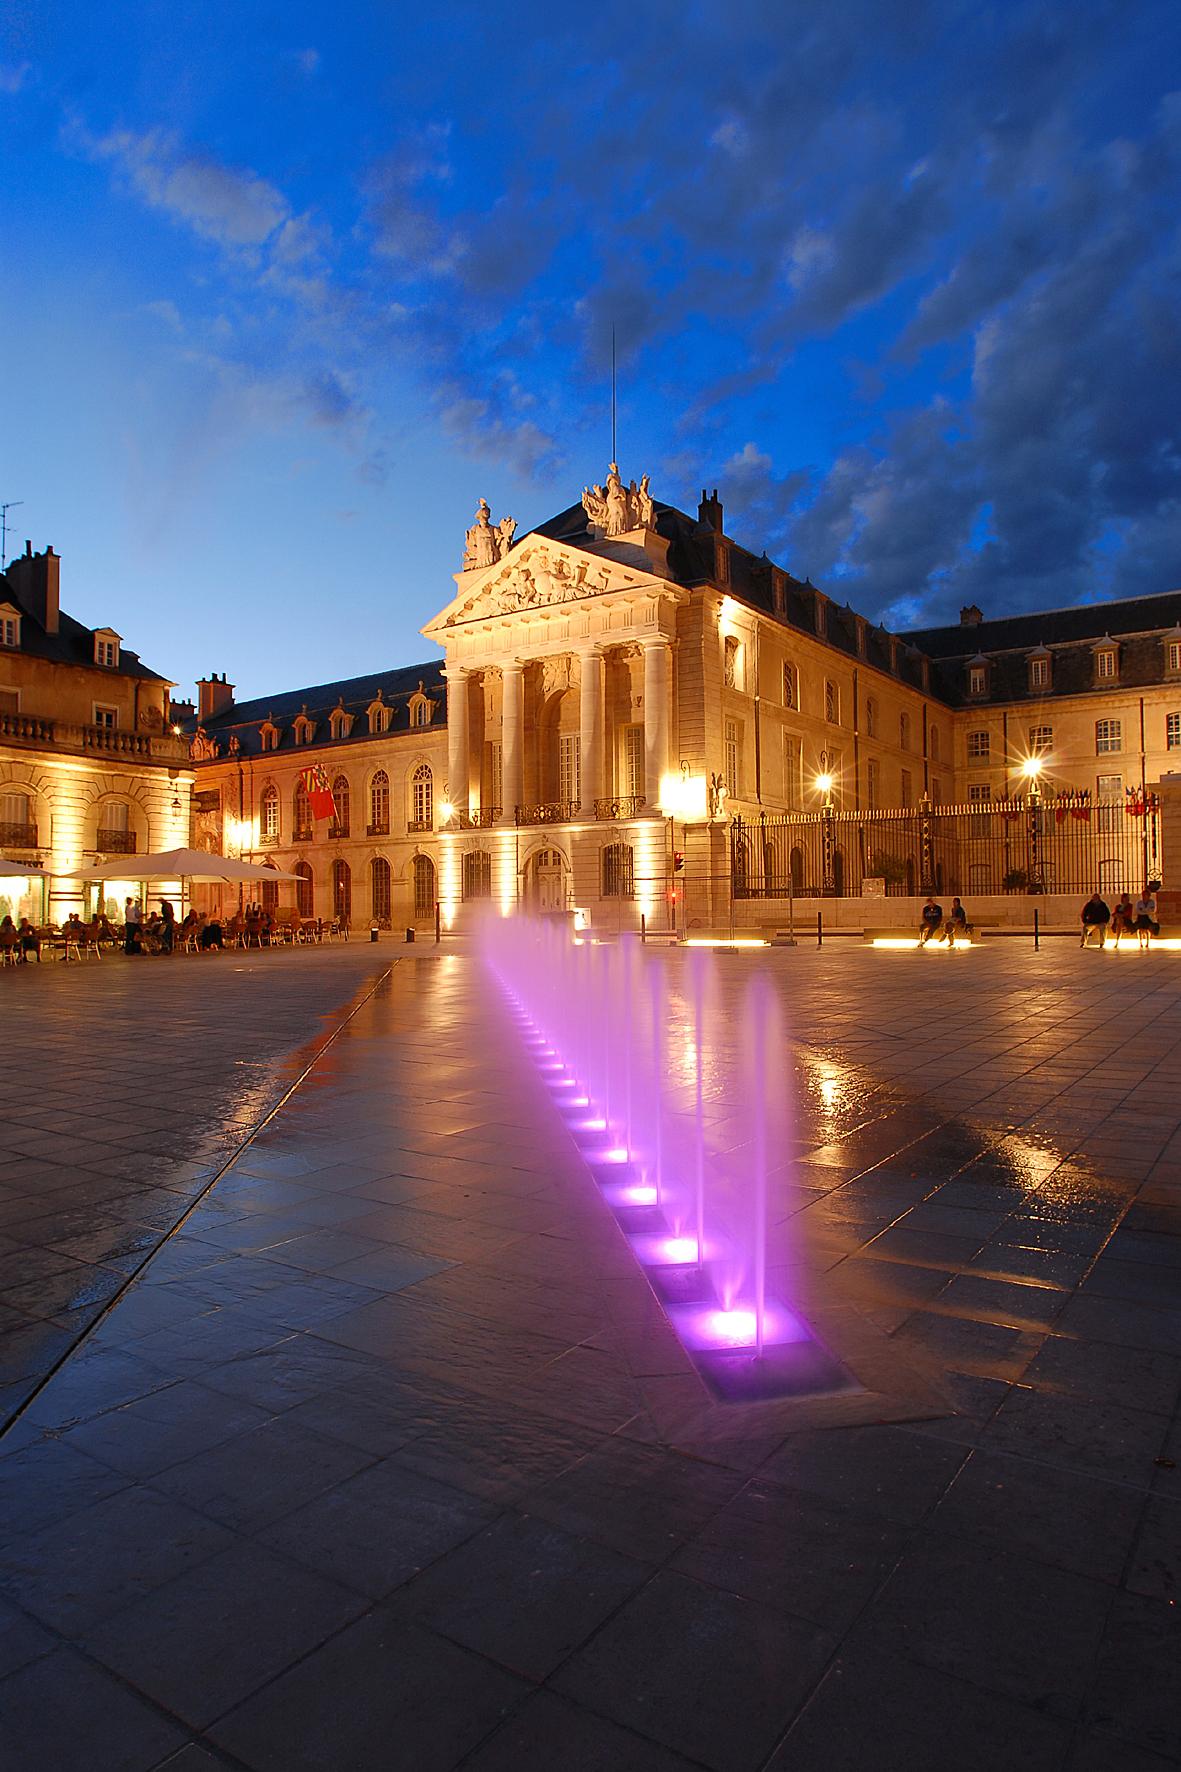 Place de la libération - Dijon